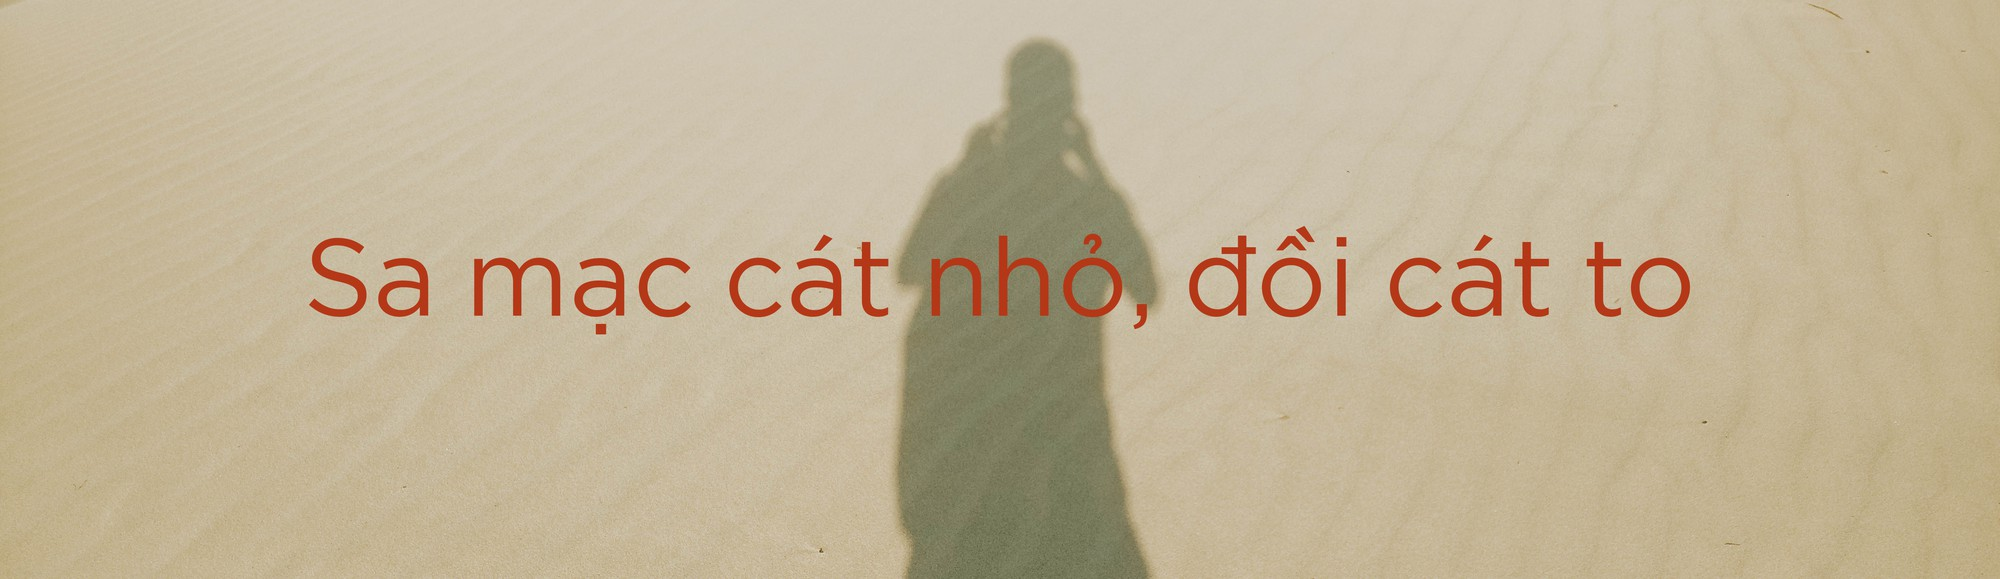 Ninh Thuận: Vị ngọt nơi nắng gió, khắc nghiệt đất trời - Ảnh 6.